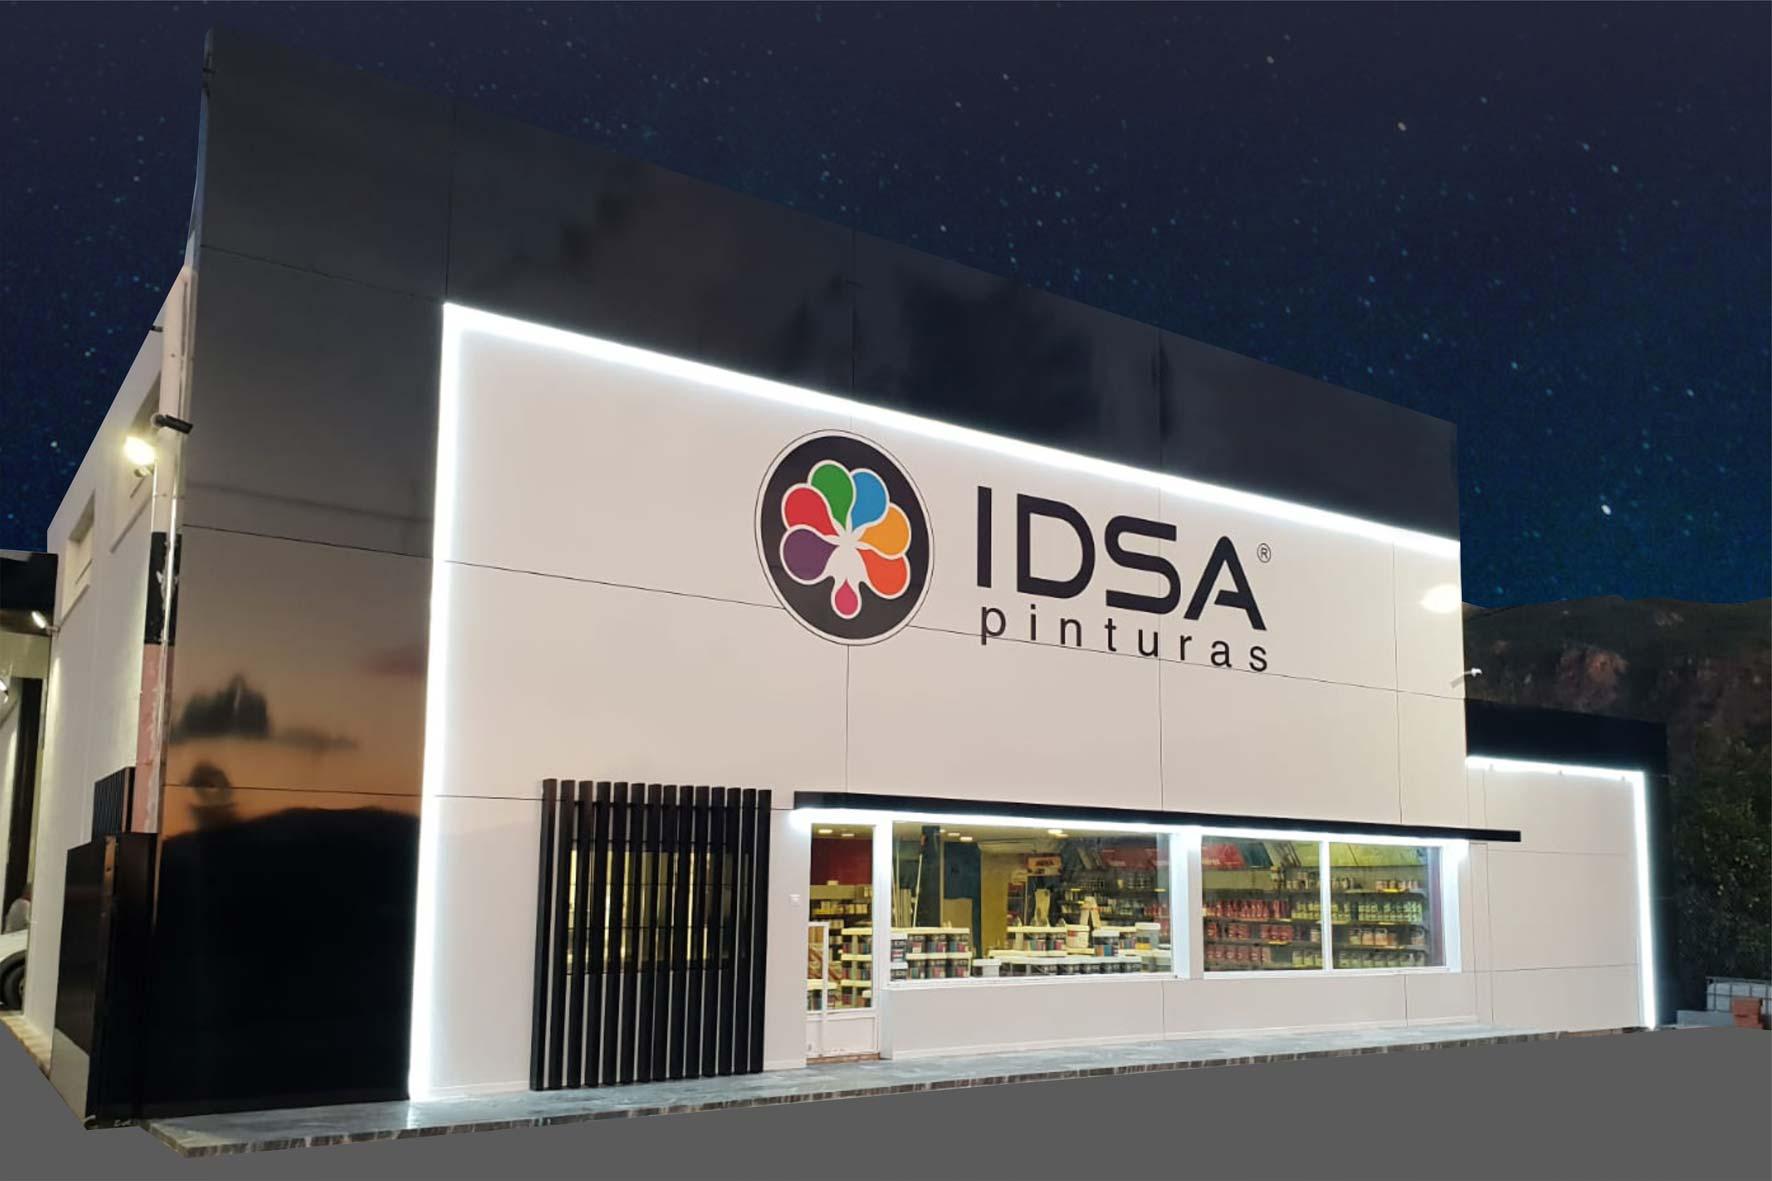 Diseño de fachadas en panel composite e iluminación exterior con perfilería led